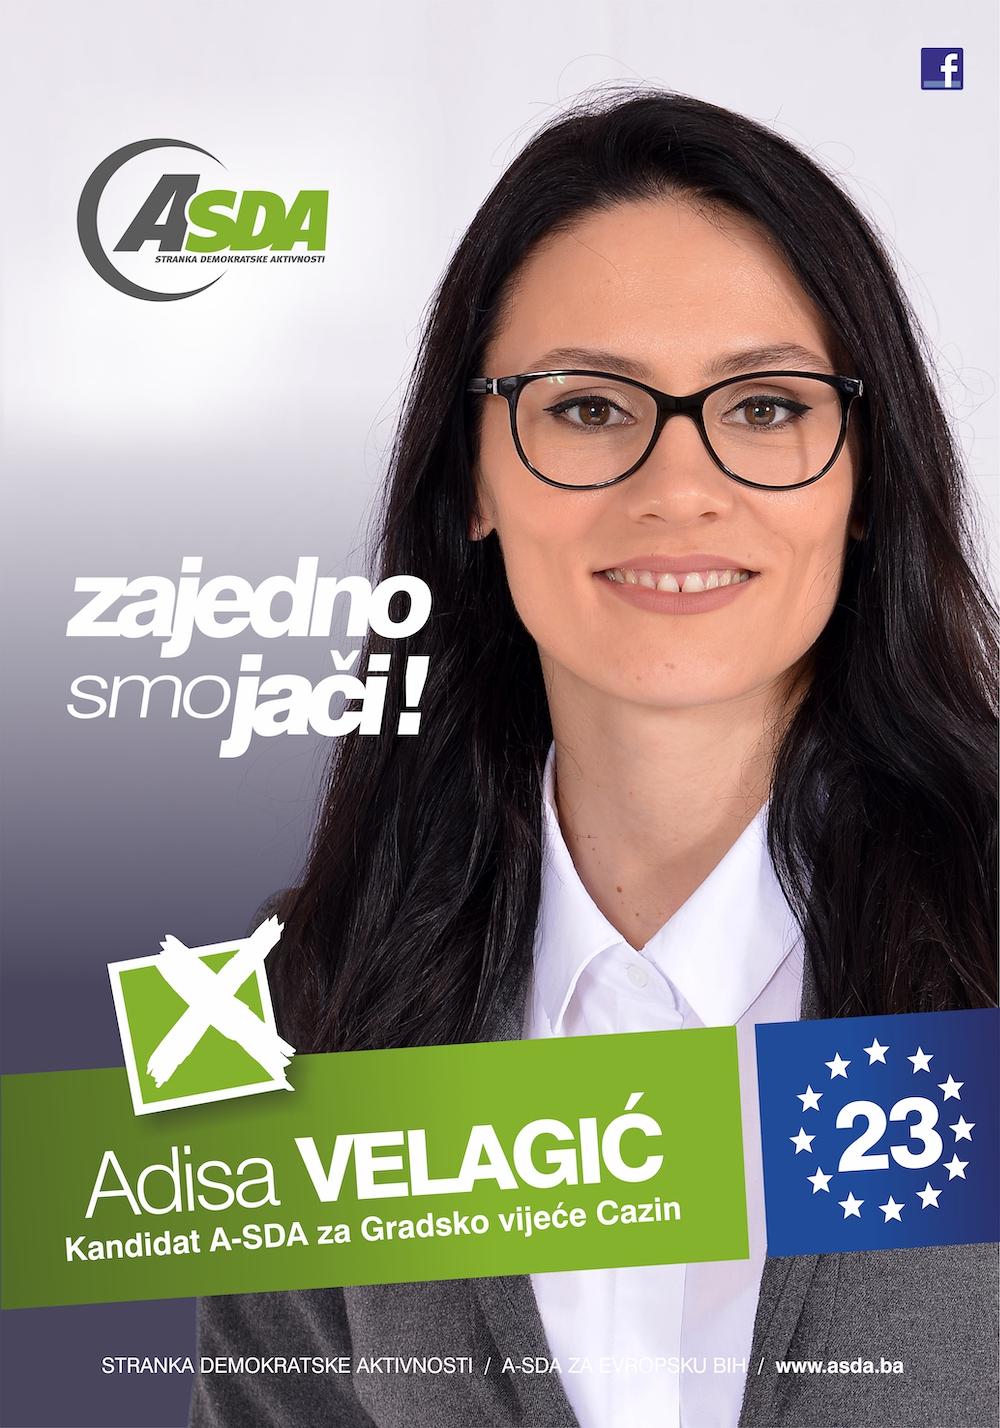 Adisa Velagić